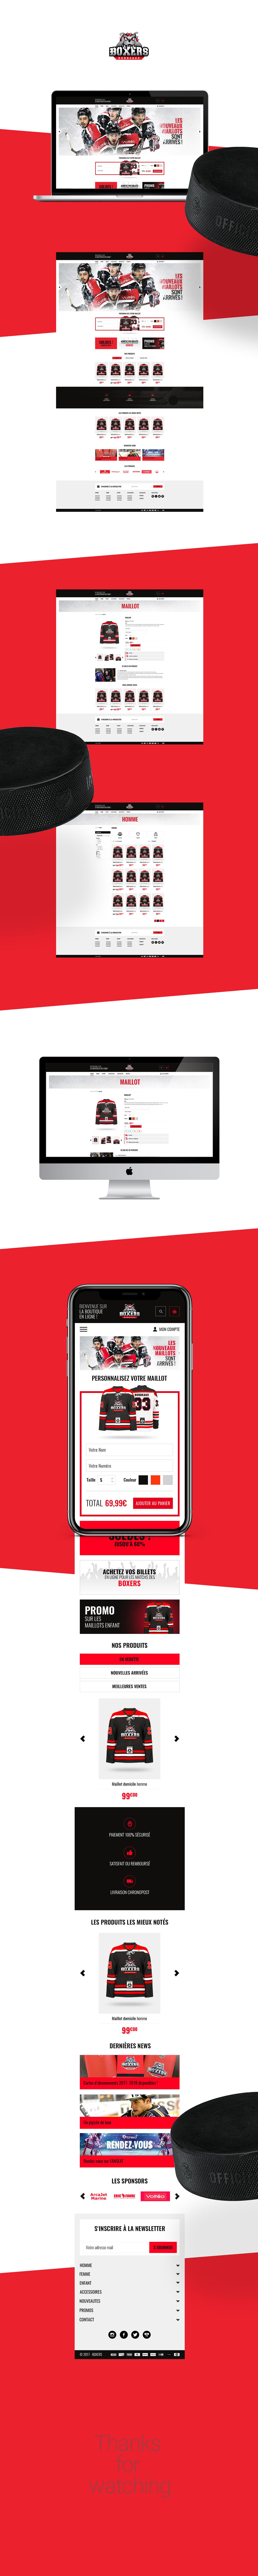 Bordeaux boutique boxers design Ecommerce graphic hockey HTML